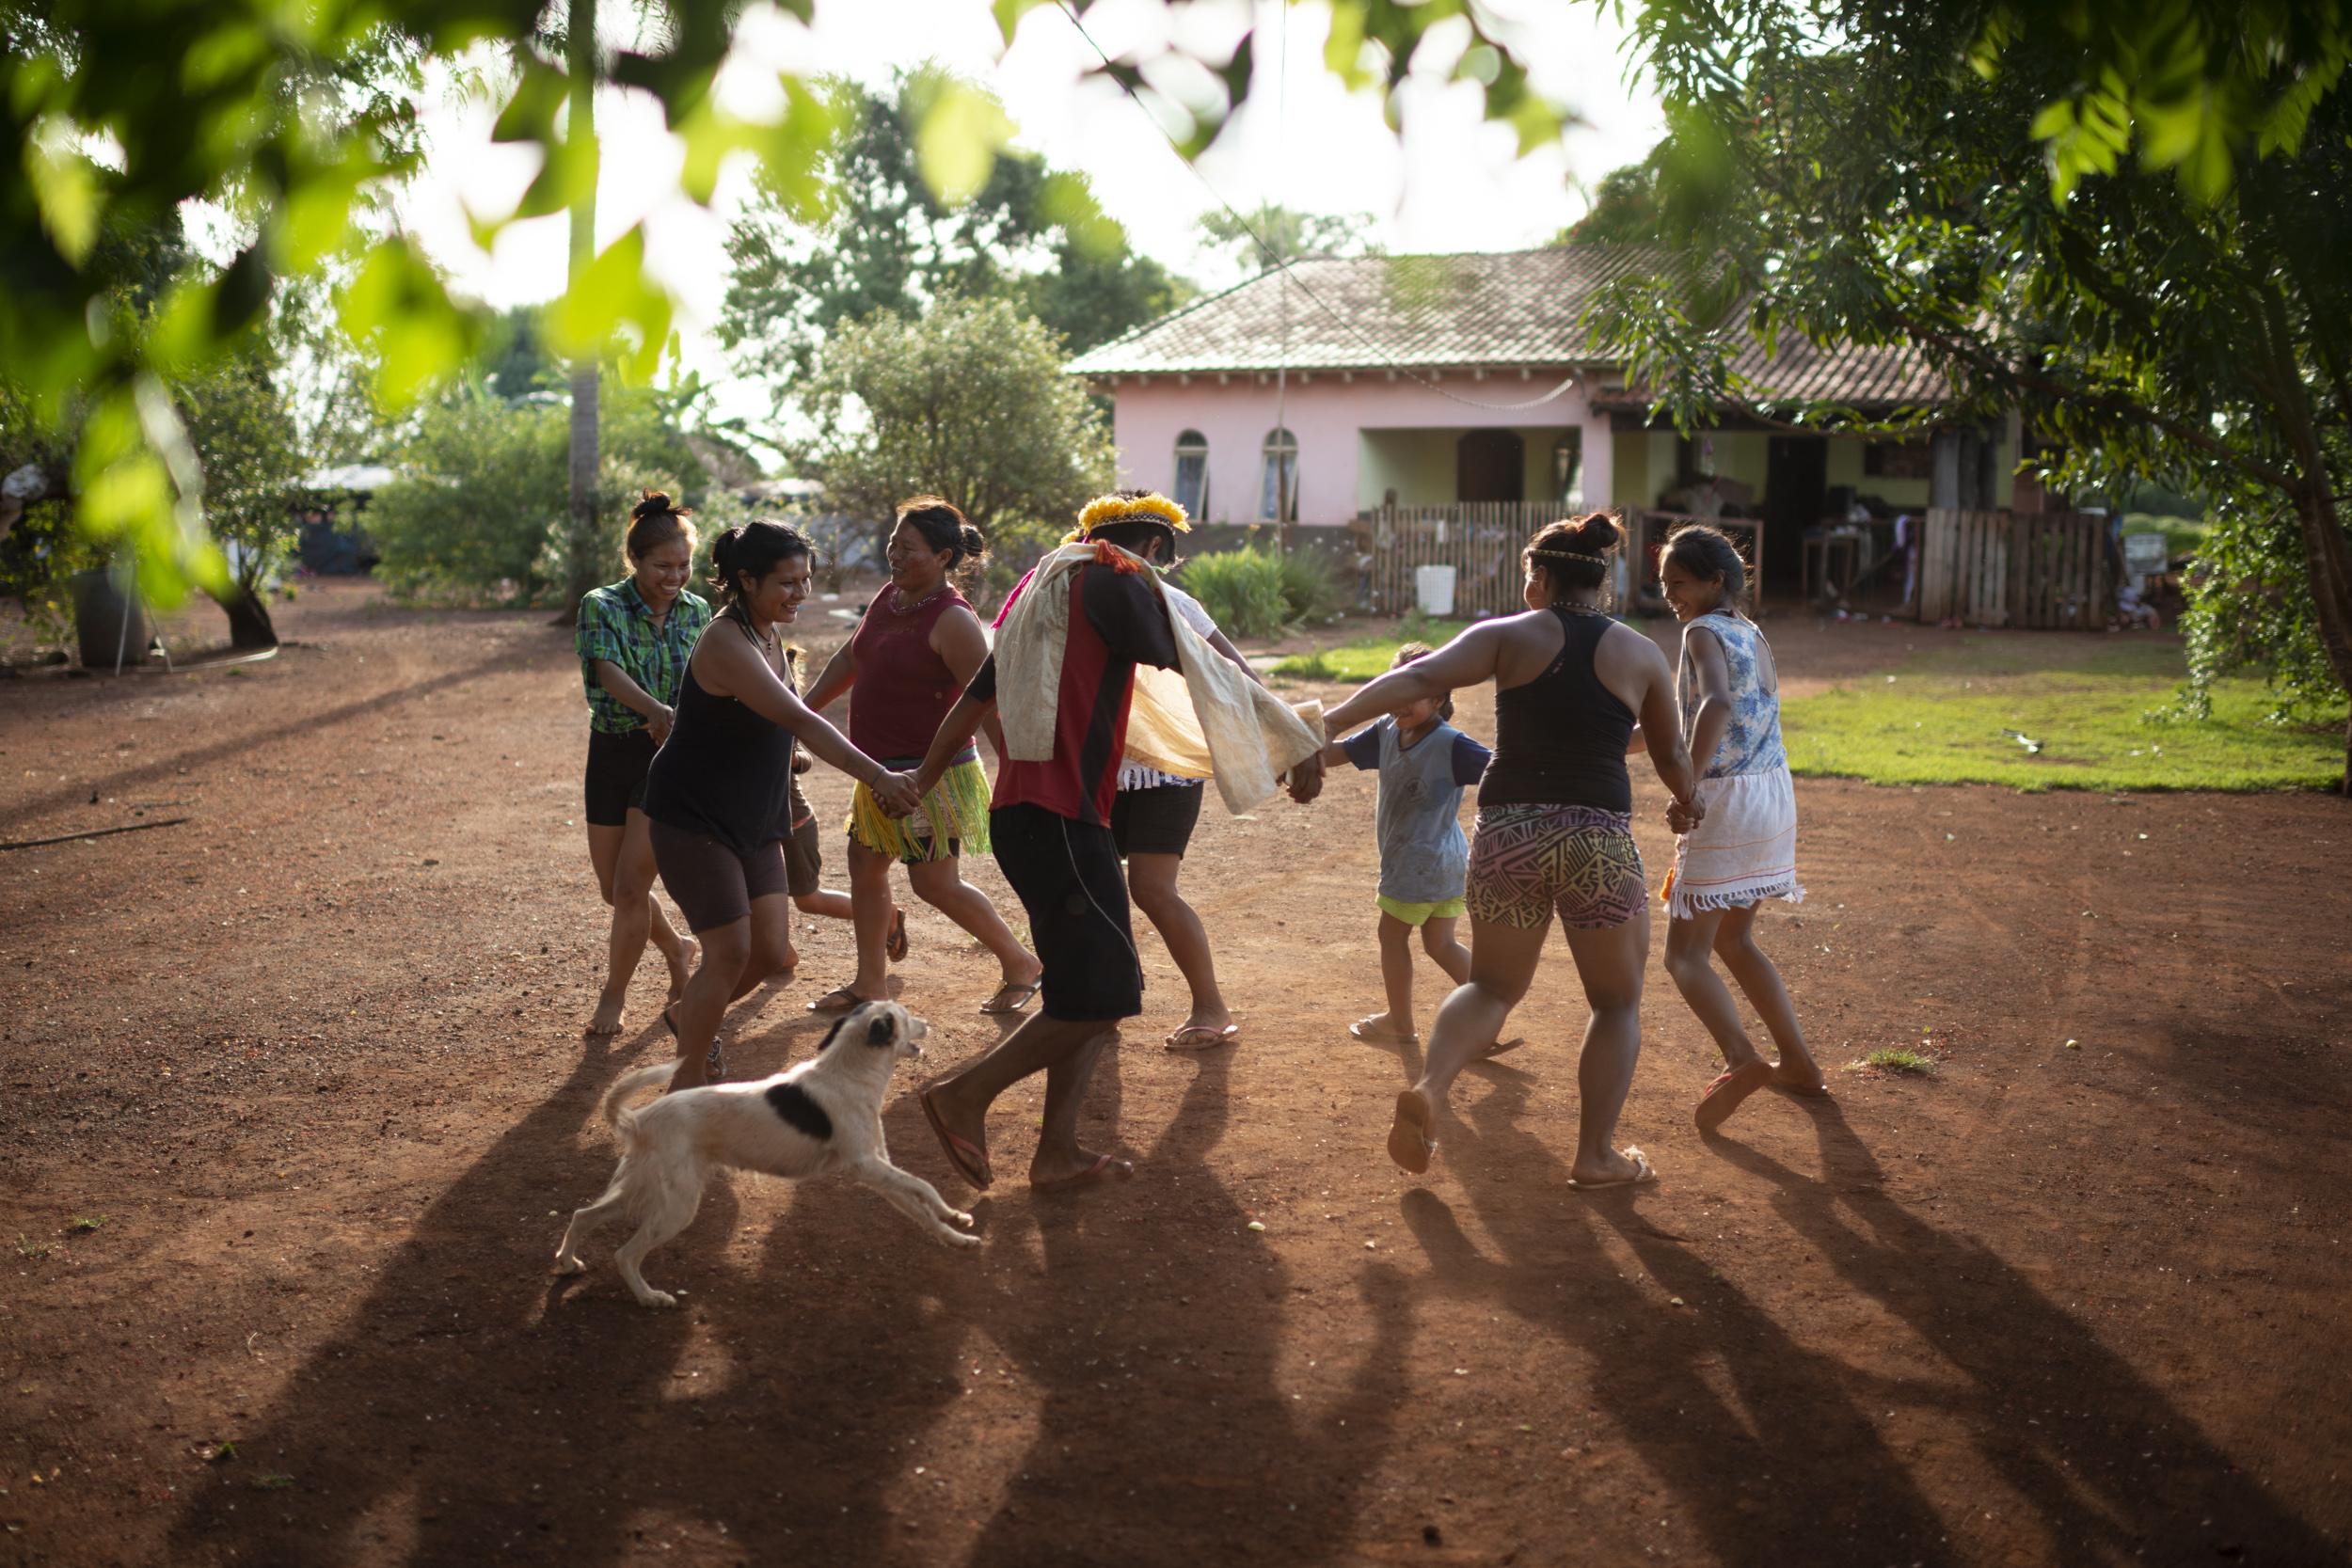 Kaiowás e Guaranis dançam guaxiré no tekoha Laranjeira Nhanderú, na região de Rio Brilhante, Mato Grosso do Sul. Dezembro, 2018. © Lucas Landau